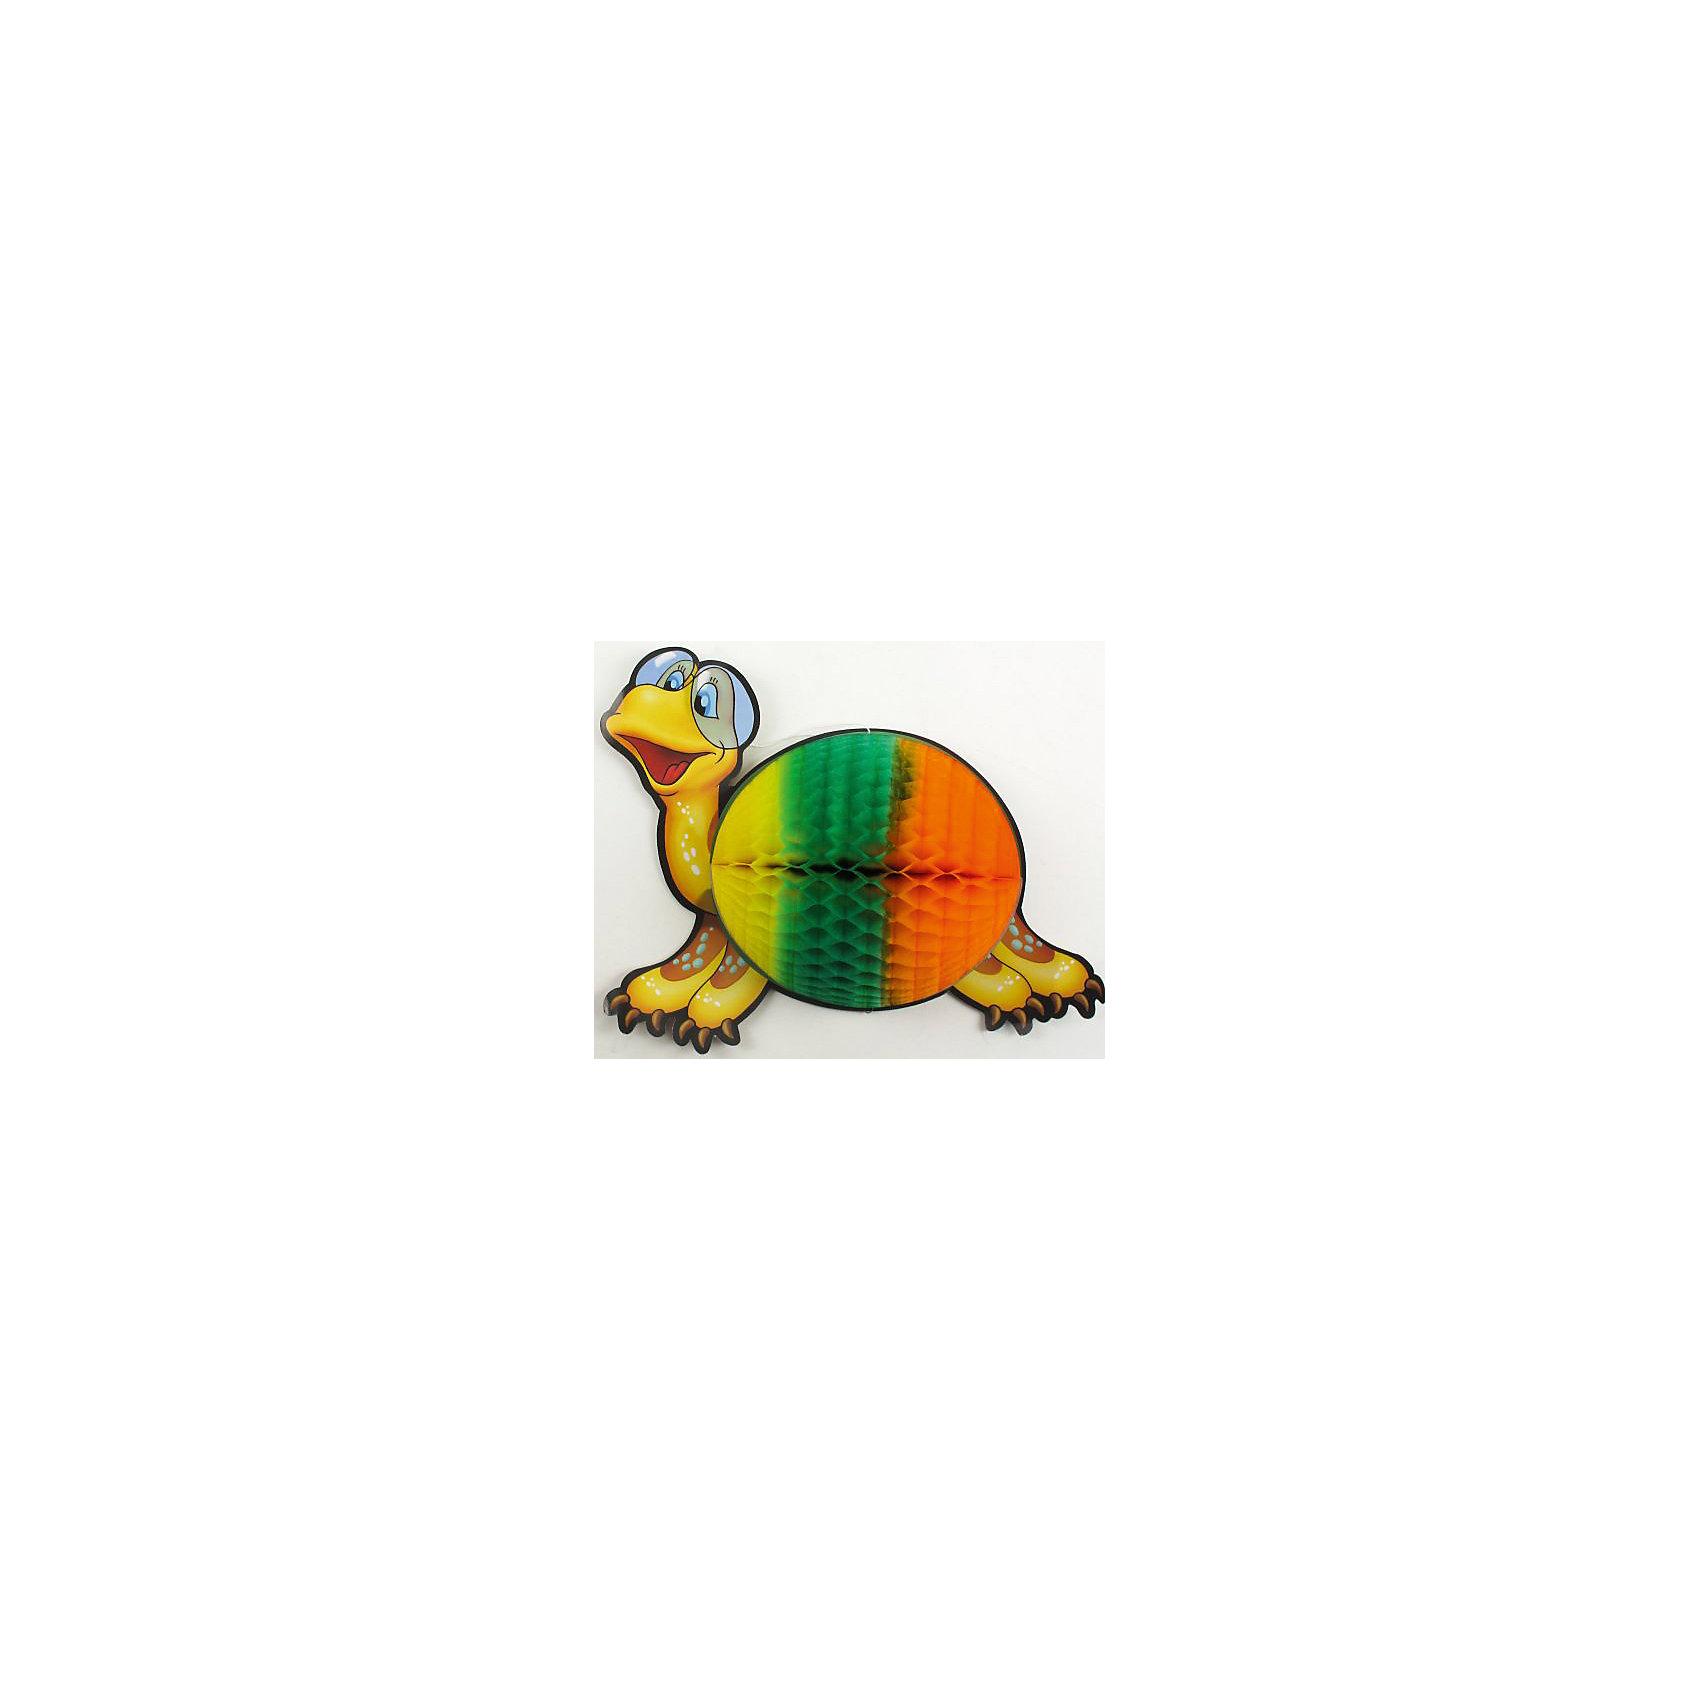 Бумажный фонарик ЧерепахаВсё для праздника<br>Яркий бумажный фонарик Черепаха поможет создать праздничное и веселое настроение на торжестве вашего ребенка!<br><br>Дополнительная информация:<br><br>- Возраст: от 3 лет.<br>- Материал: бумага.<br>- Размер упаковки: 30х52х1 см.<br>- Вес в упаковке: 100 г.<br><br>Купить бумажный фонарик Черепаха можно в нашем магазине.<br><br>Ширина мм: 30<br>Глубина мм: 52<br>Высота мм: 1<br>Вес г: 100<br>Возраст от месяцев: 12<br>Возраст до месяцев: 2147483647<br>Пол: Унисекс<br>Возраст: Детский<br>SKU: 4797449